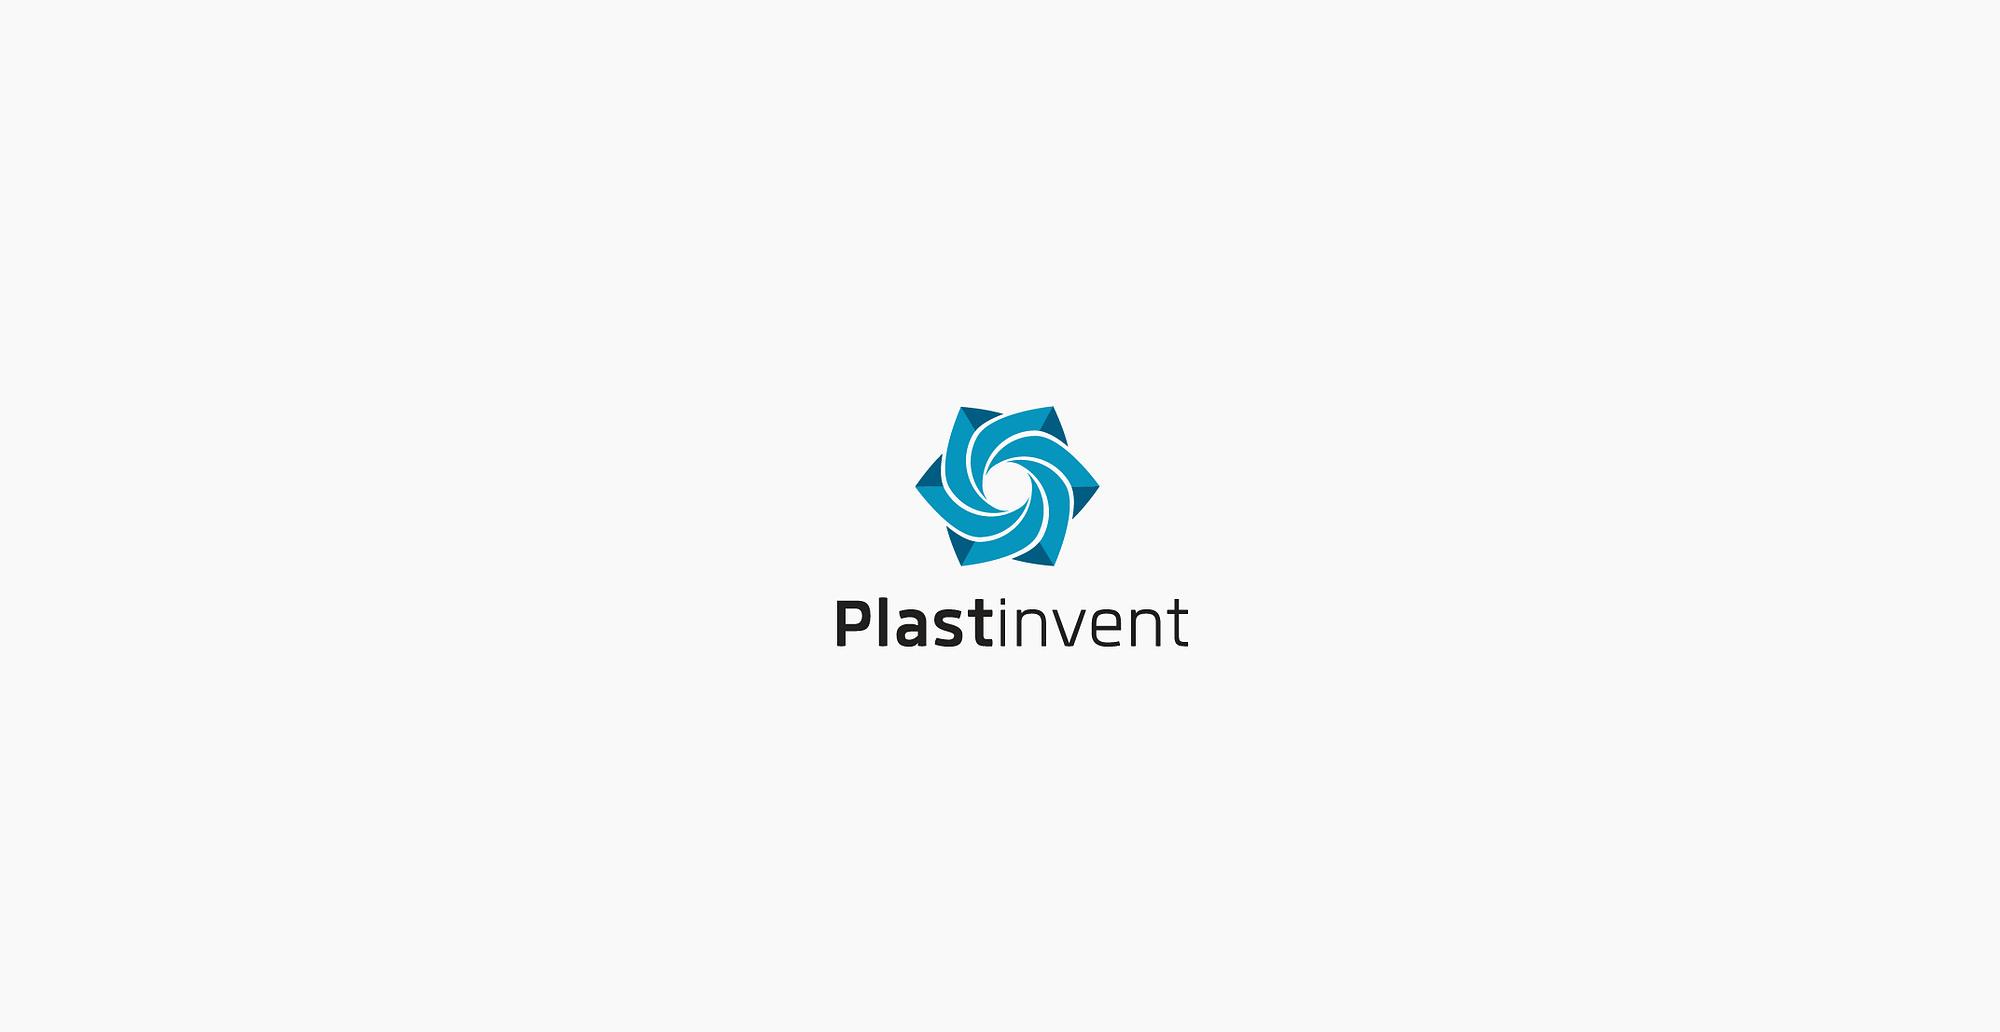 Logo designe for Plastinvent